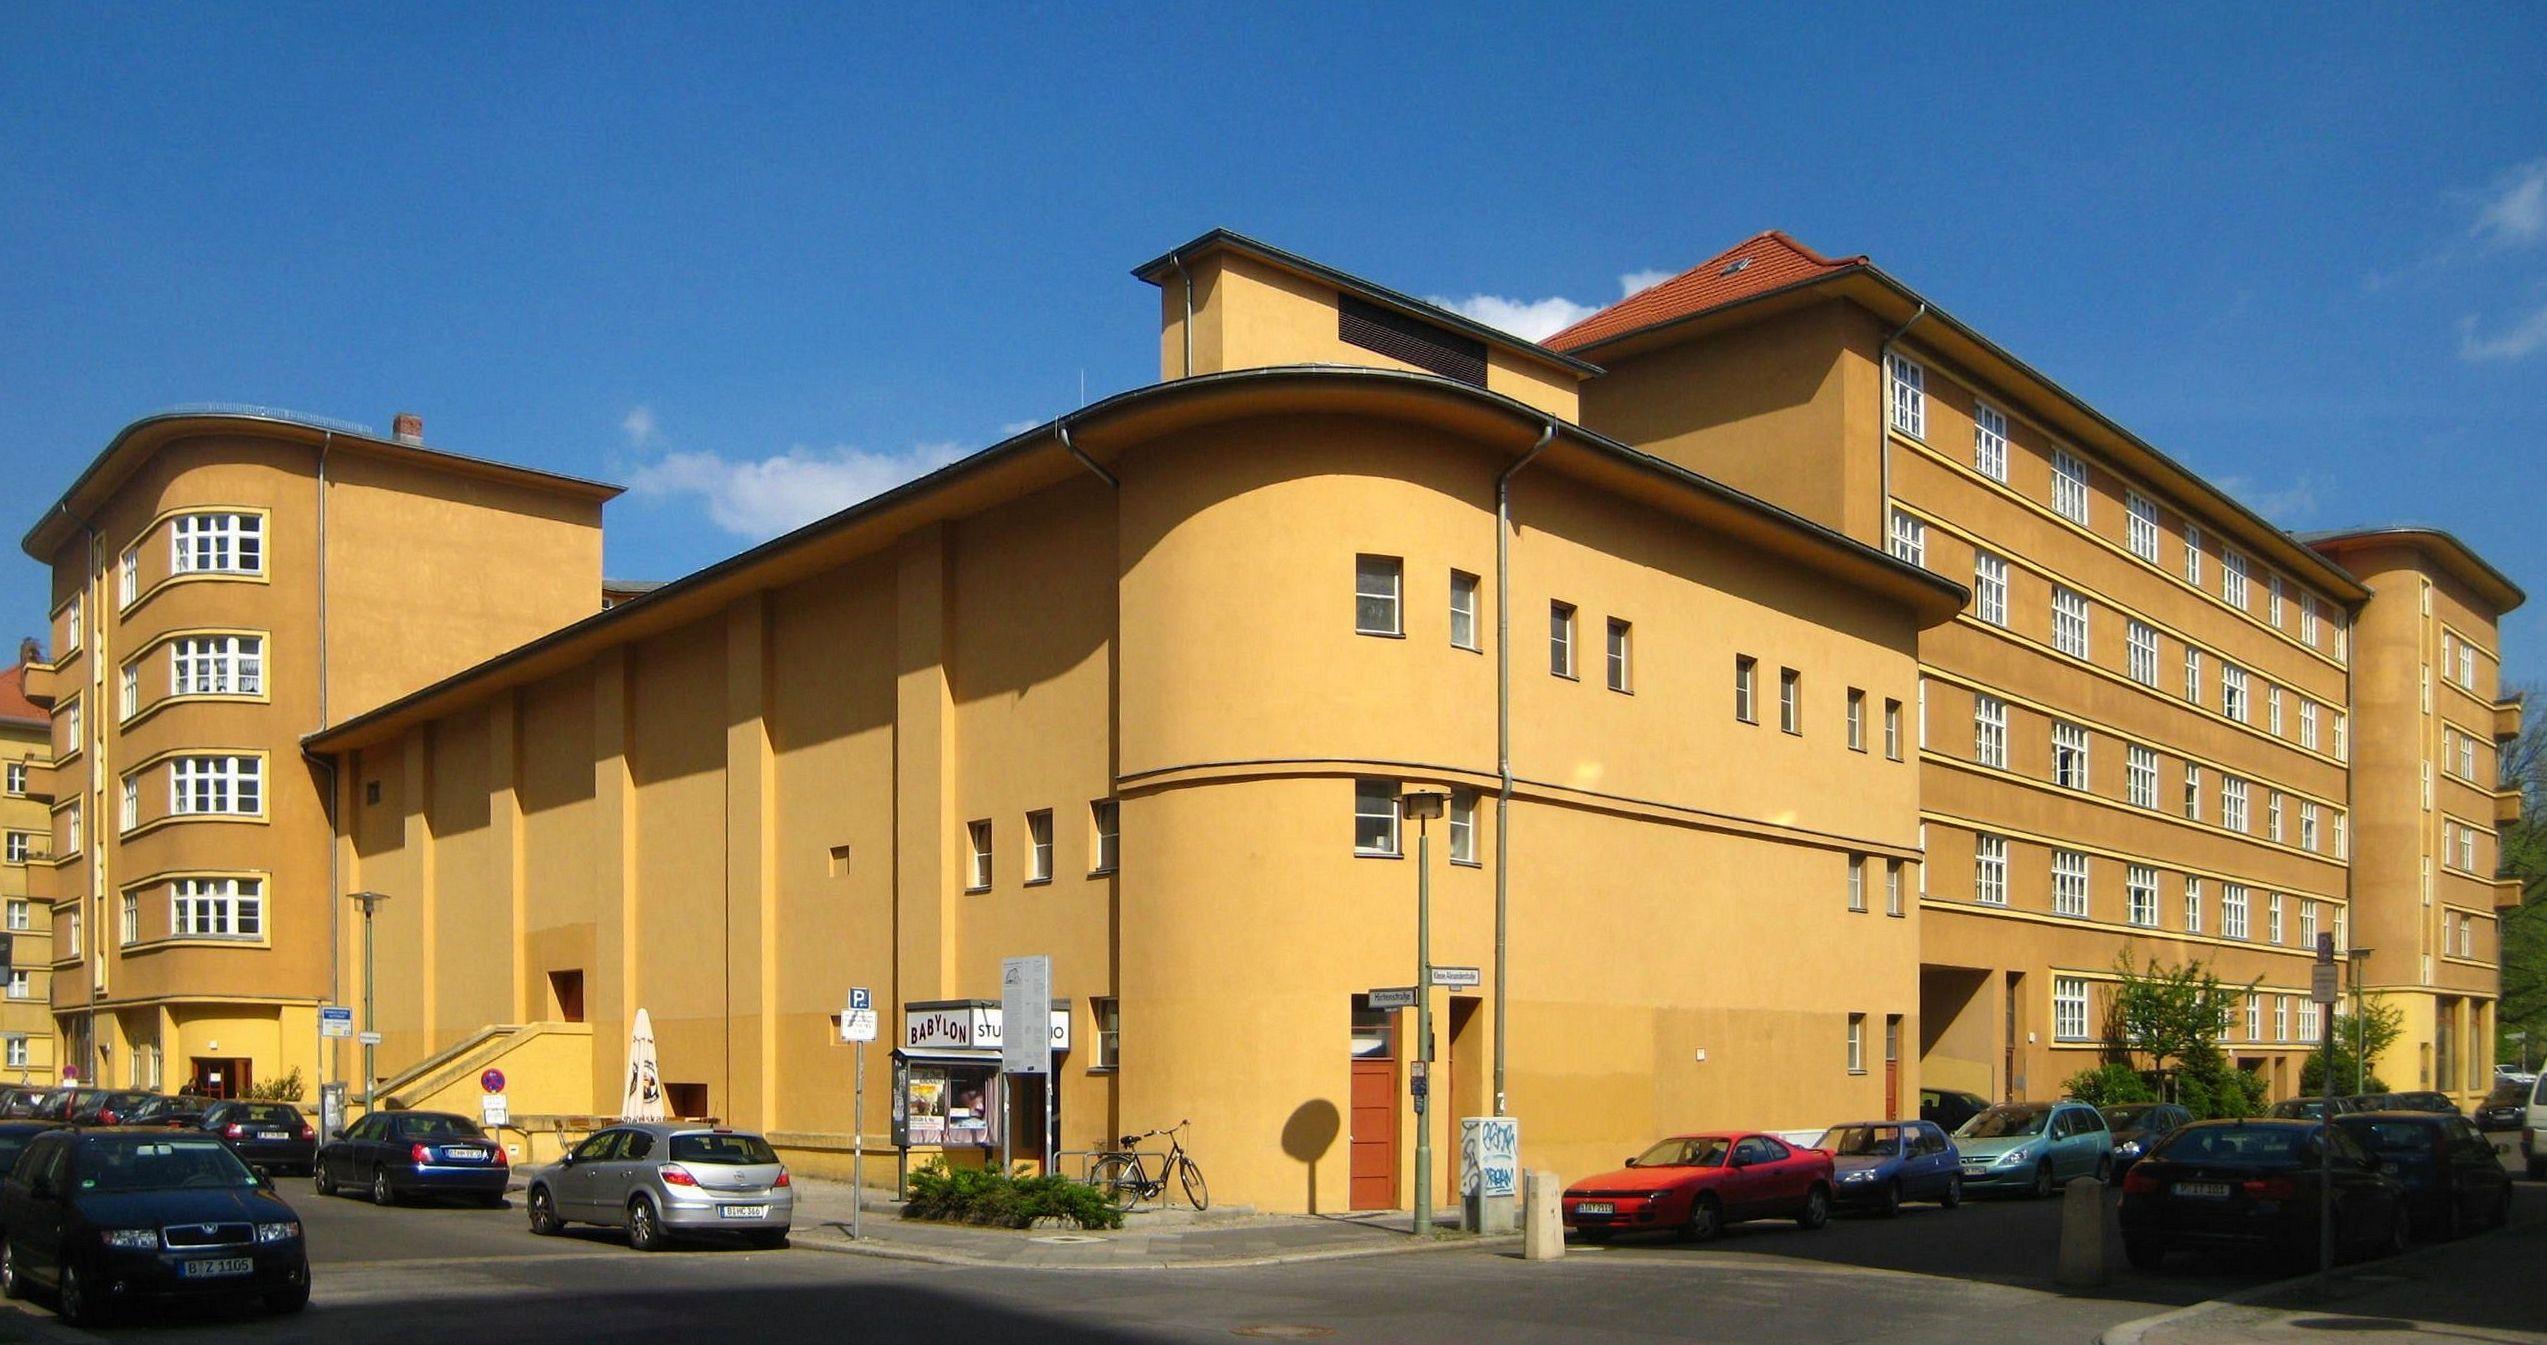 File:Berlin, Mitte, Rosa-Luxemburg-Strasse 30, Wohnanlage ...  File:Berlin, Mi...